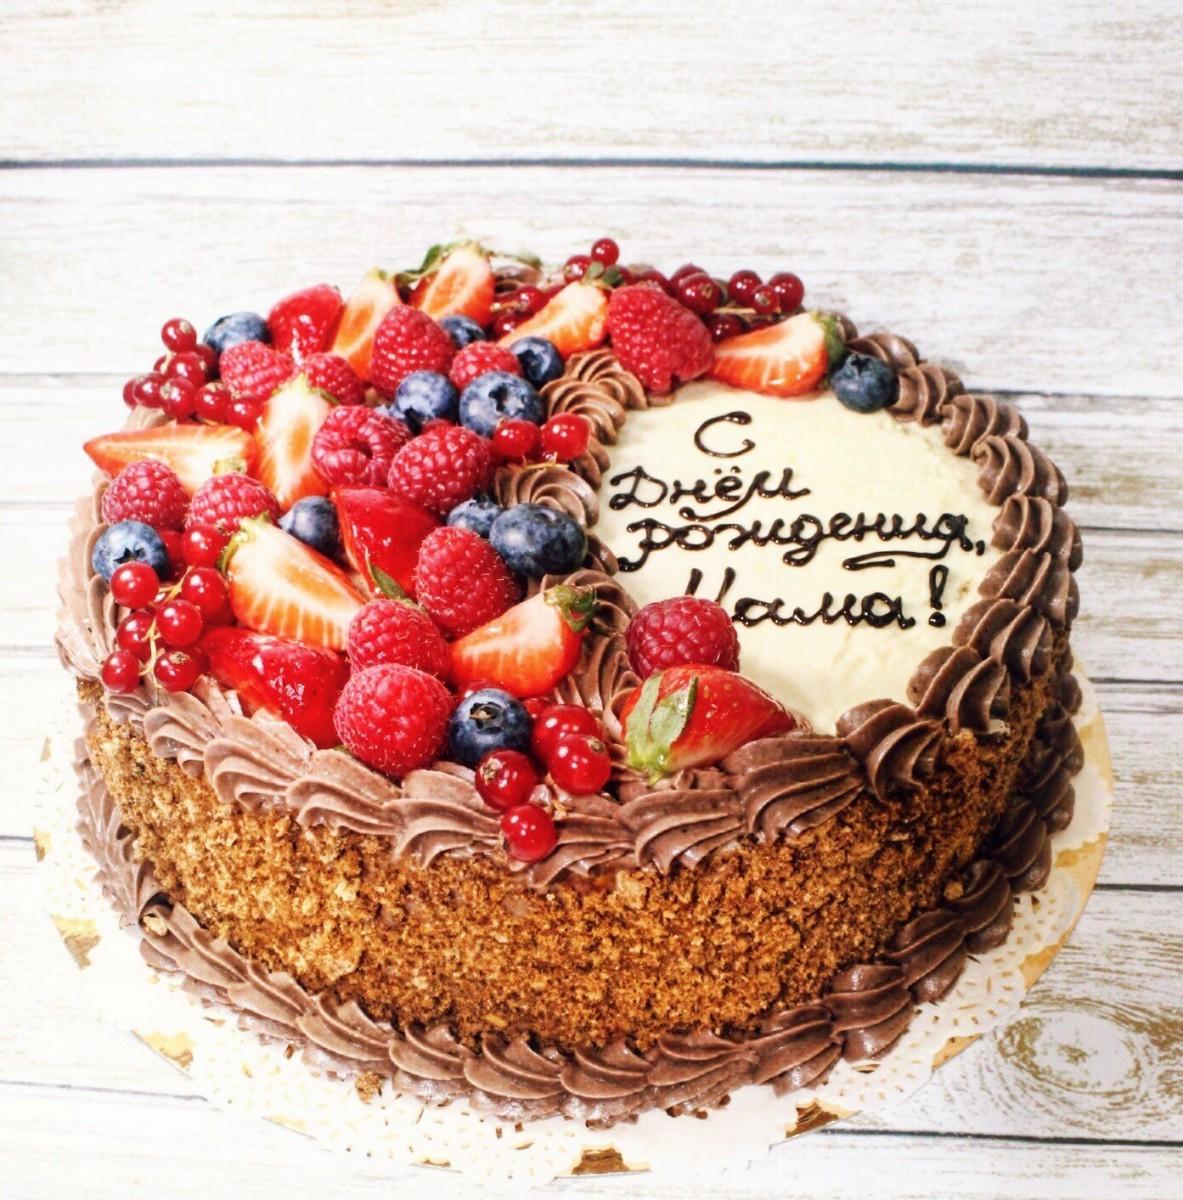 торт с ягодами для мамы